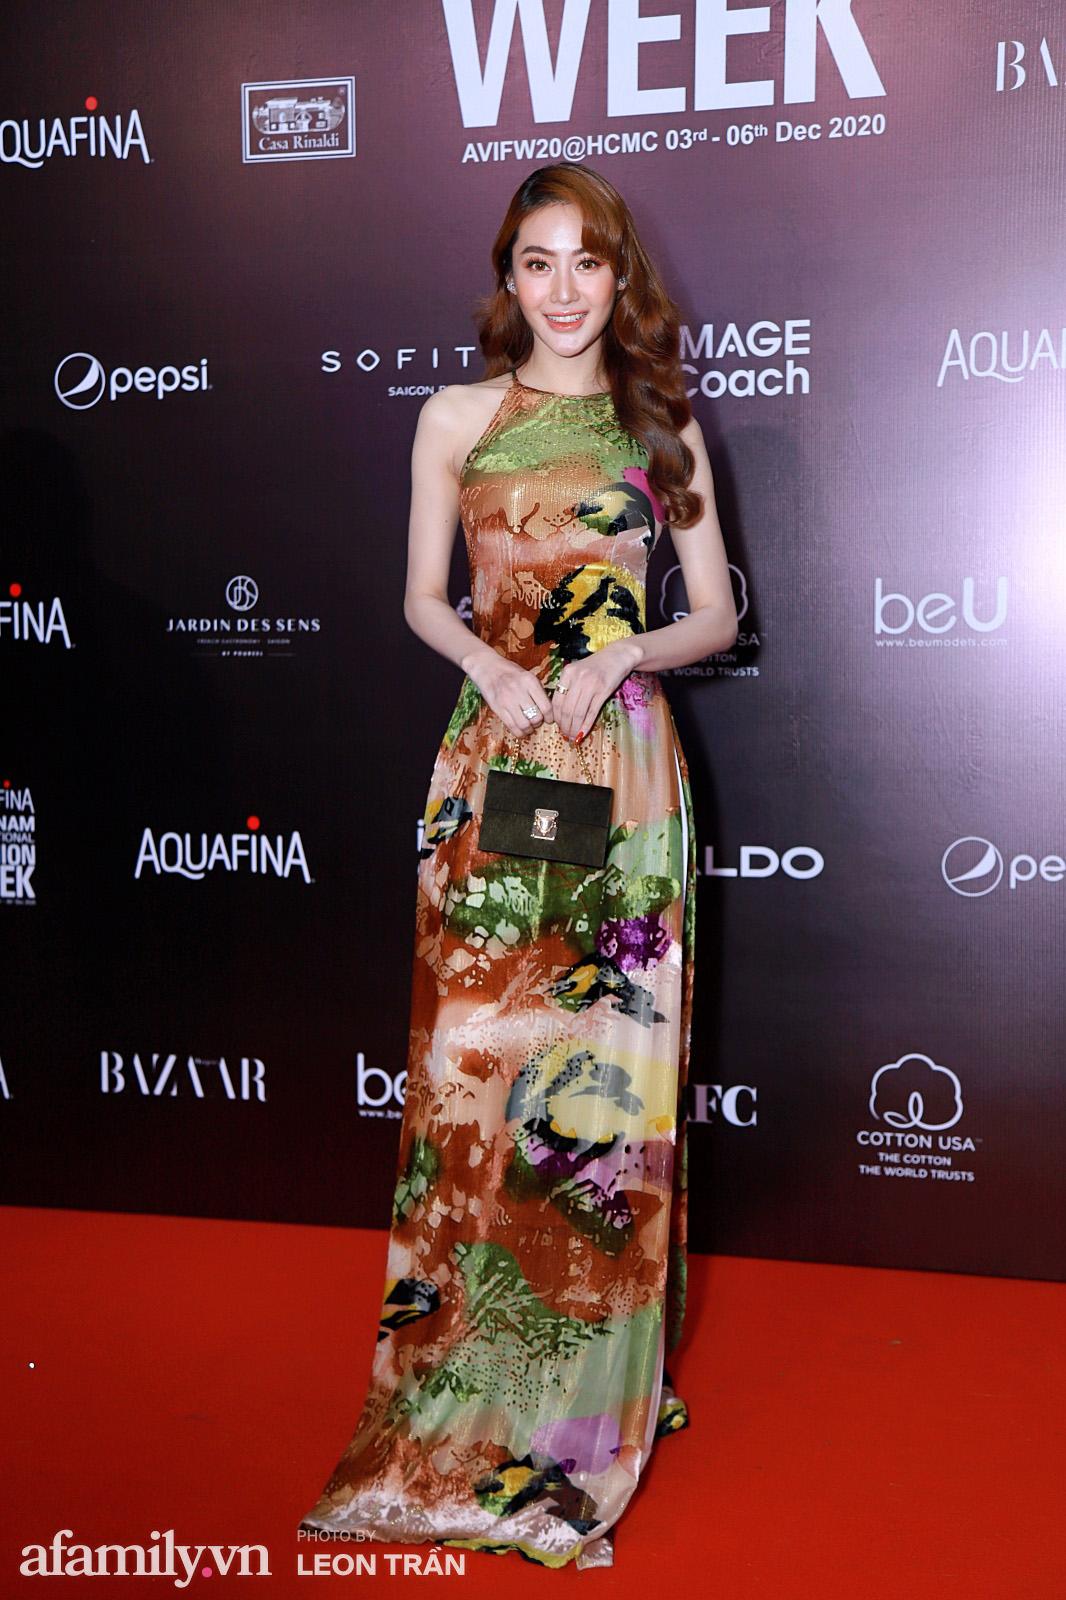 Thảm đỏ Aquafina Vietnam International Fashion Week 2020 ngày 3: Nhã Phương trẻ xinh trong bộ ren trắng, Diệu Nhi nhìn khác lạ trong bộ áo dài cách tân  - Ảnh 7.